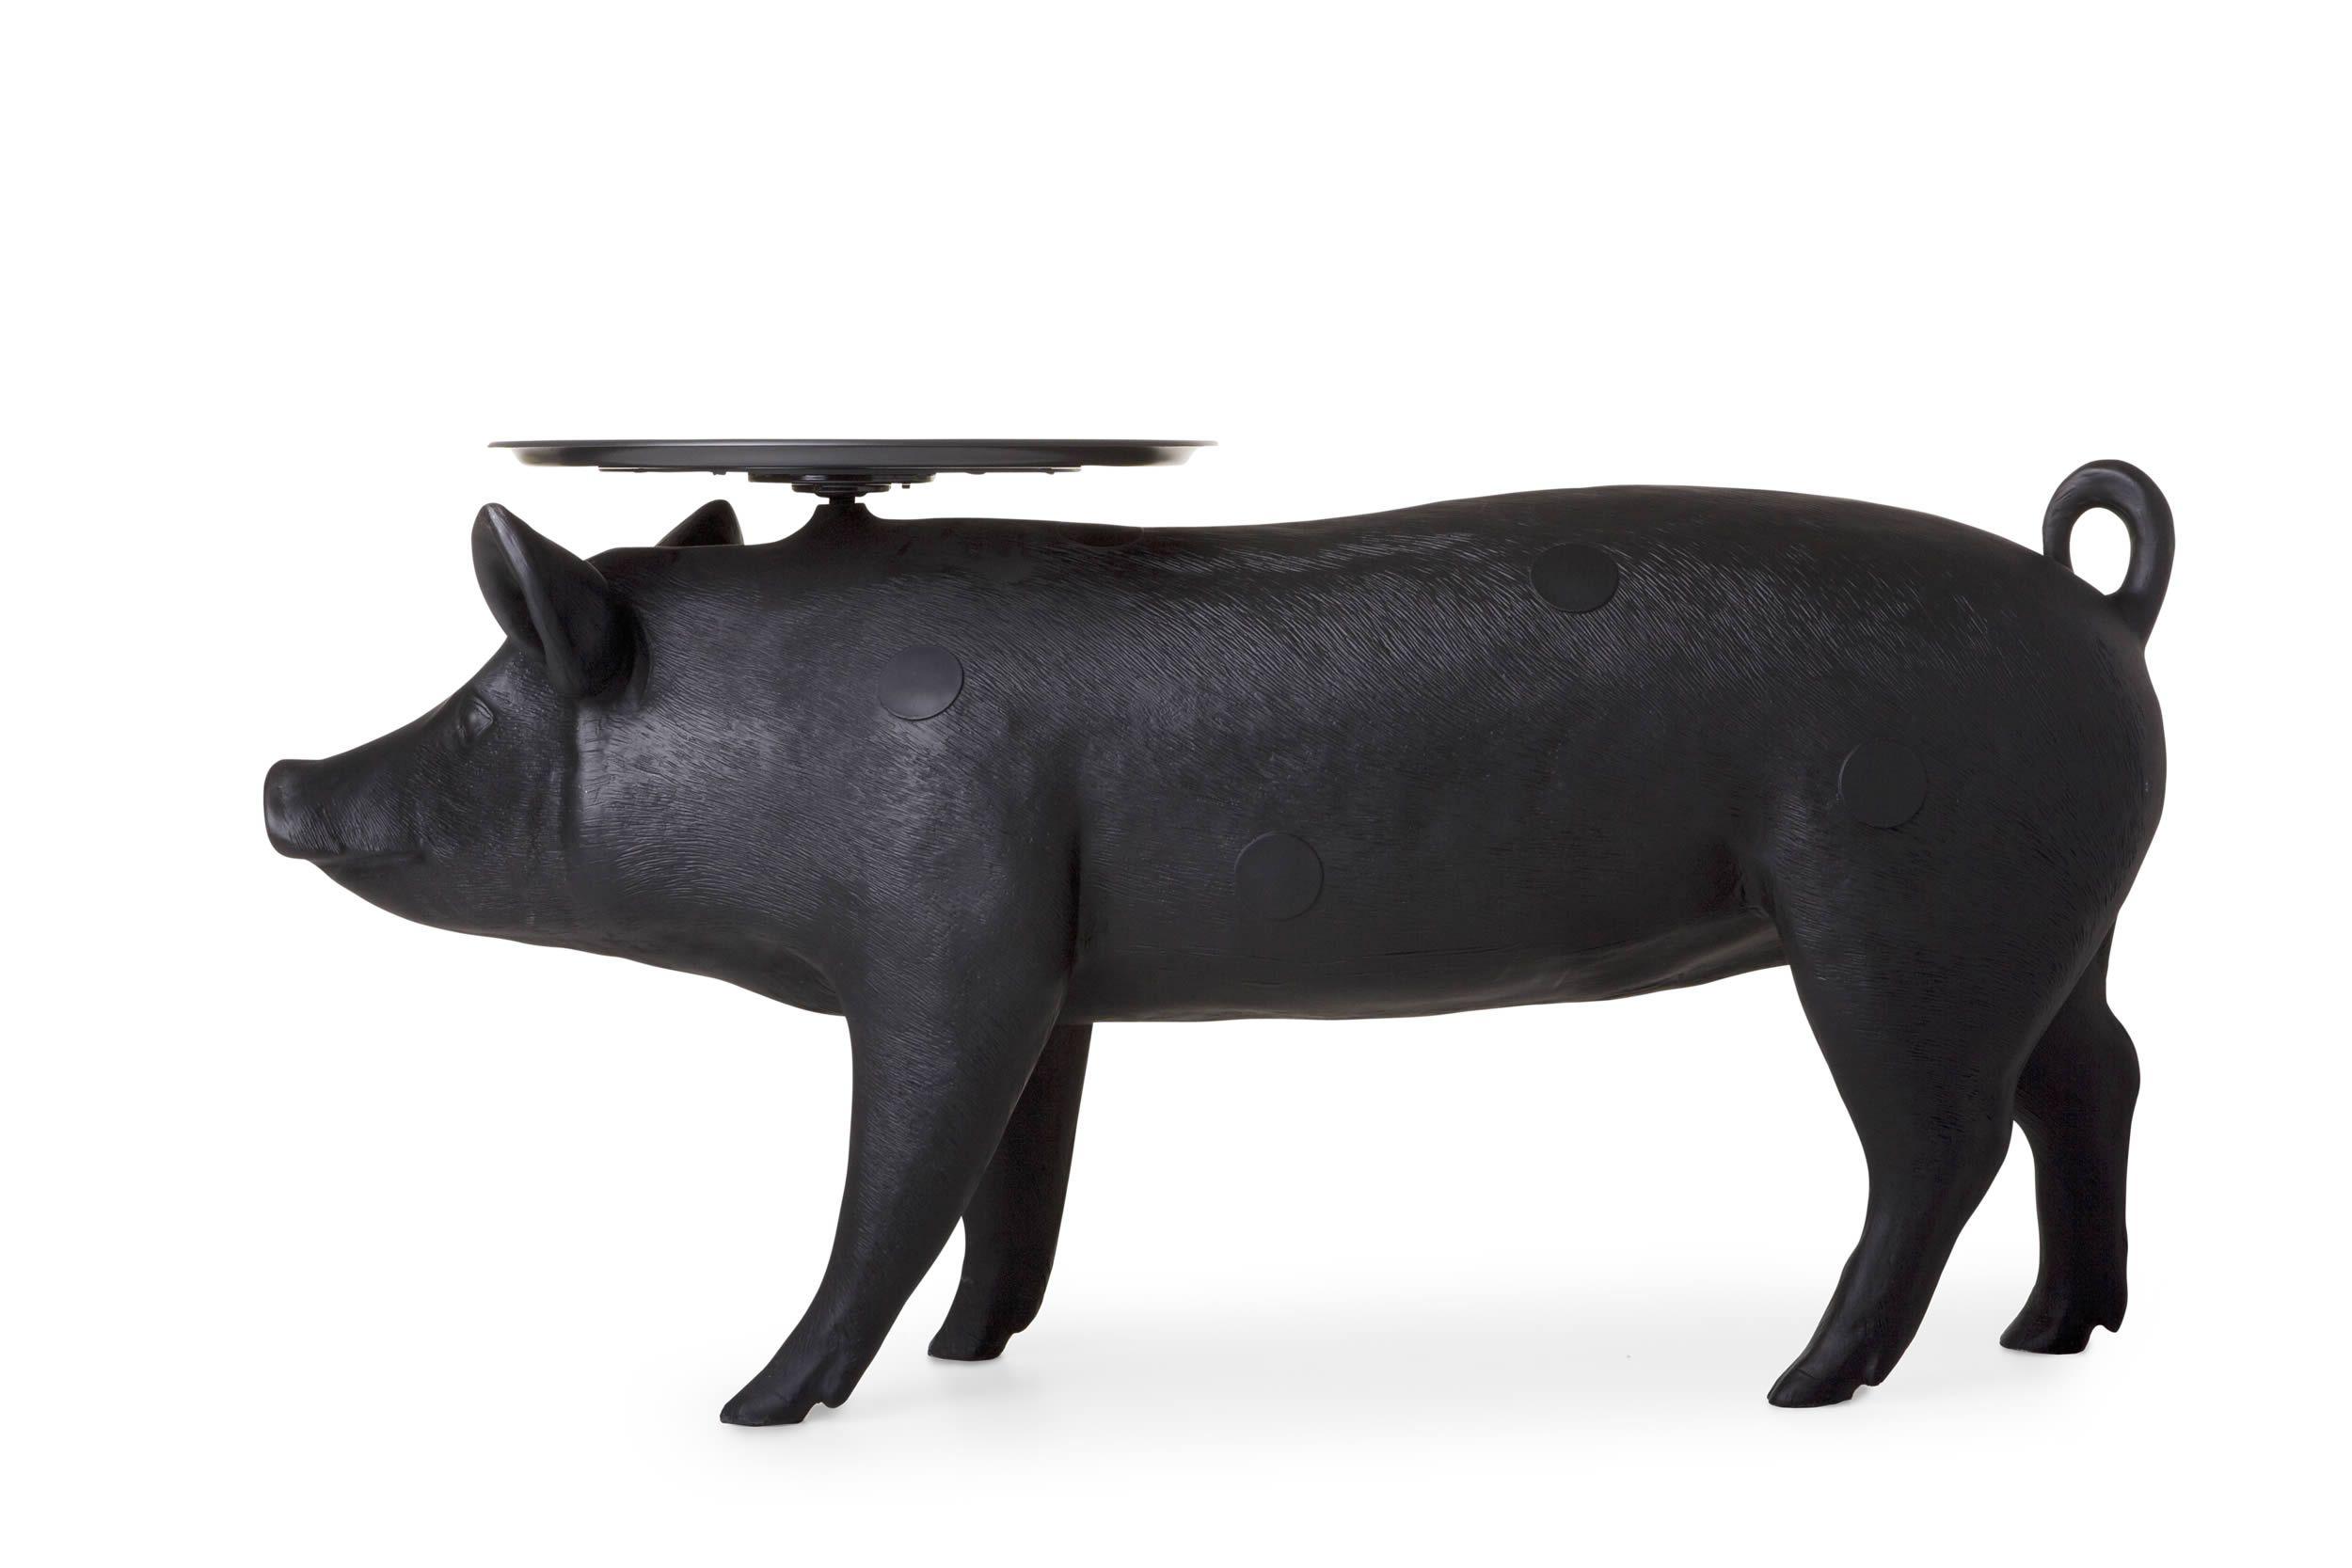 Необычный журнальный столик с современным дизайном, фото столика Pig